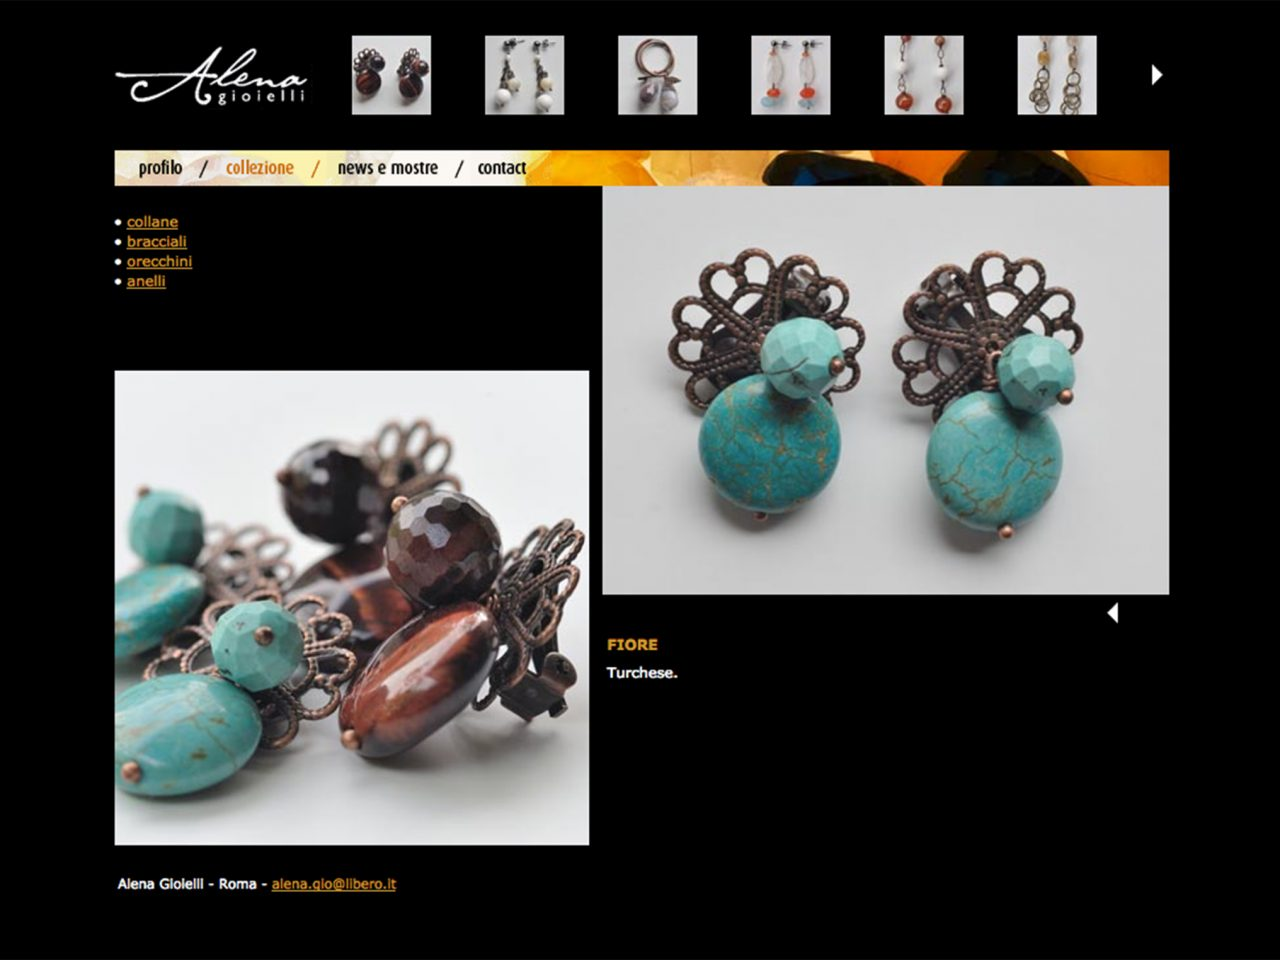 pagina interna sito alena gioielli